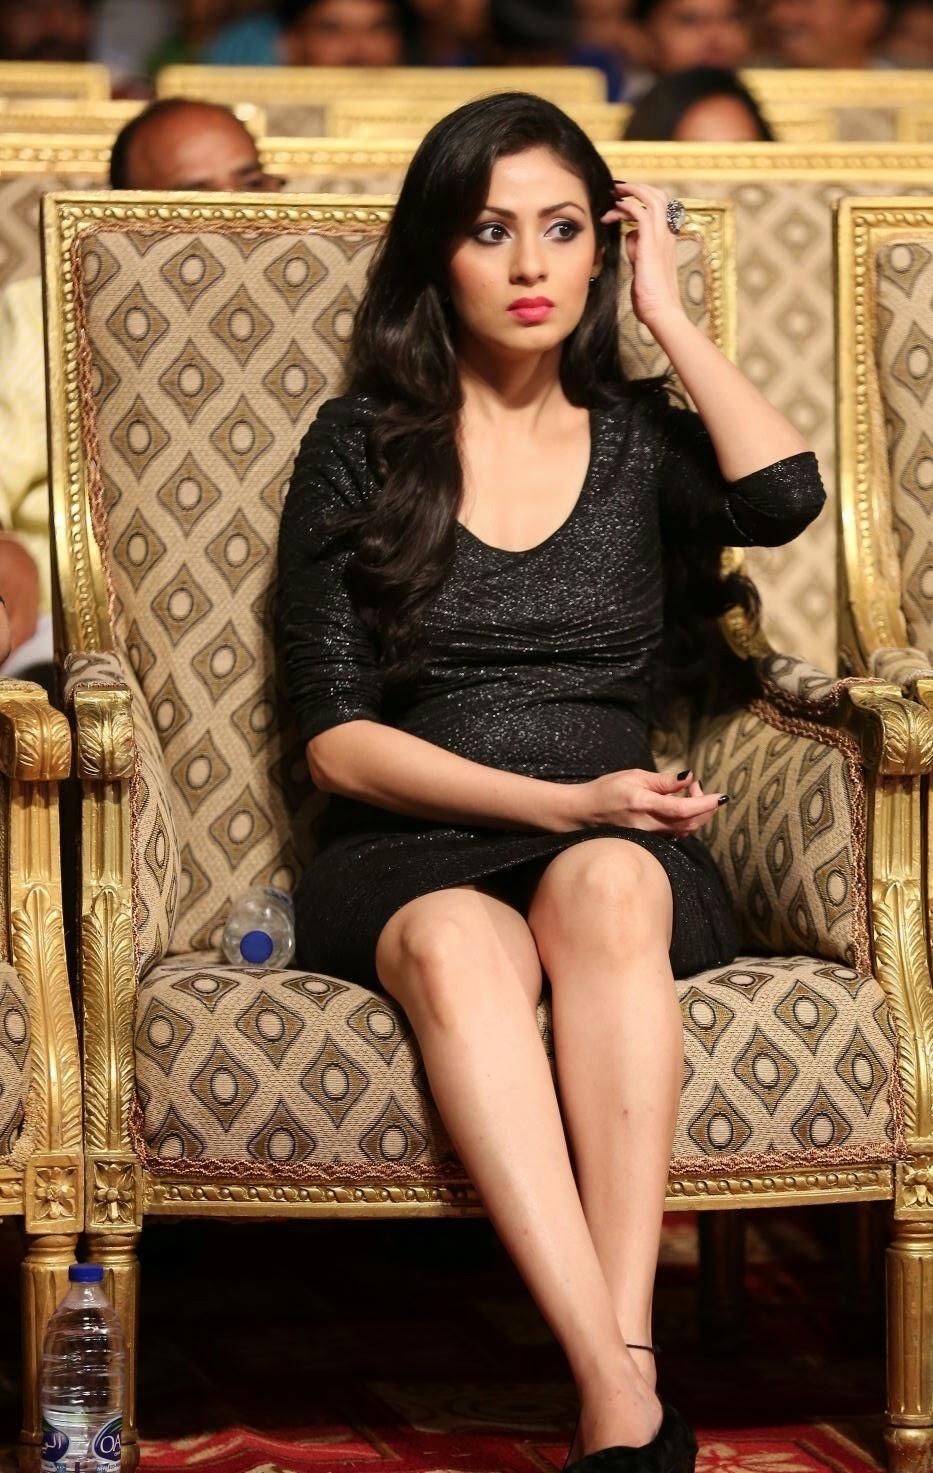 Actress Sada Latest Cute Hot Black Mini Skirt Dress Spicy Thighs Show Photos Gallery at Gama Awards 2014